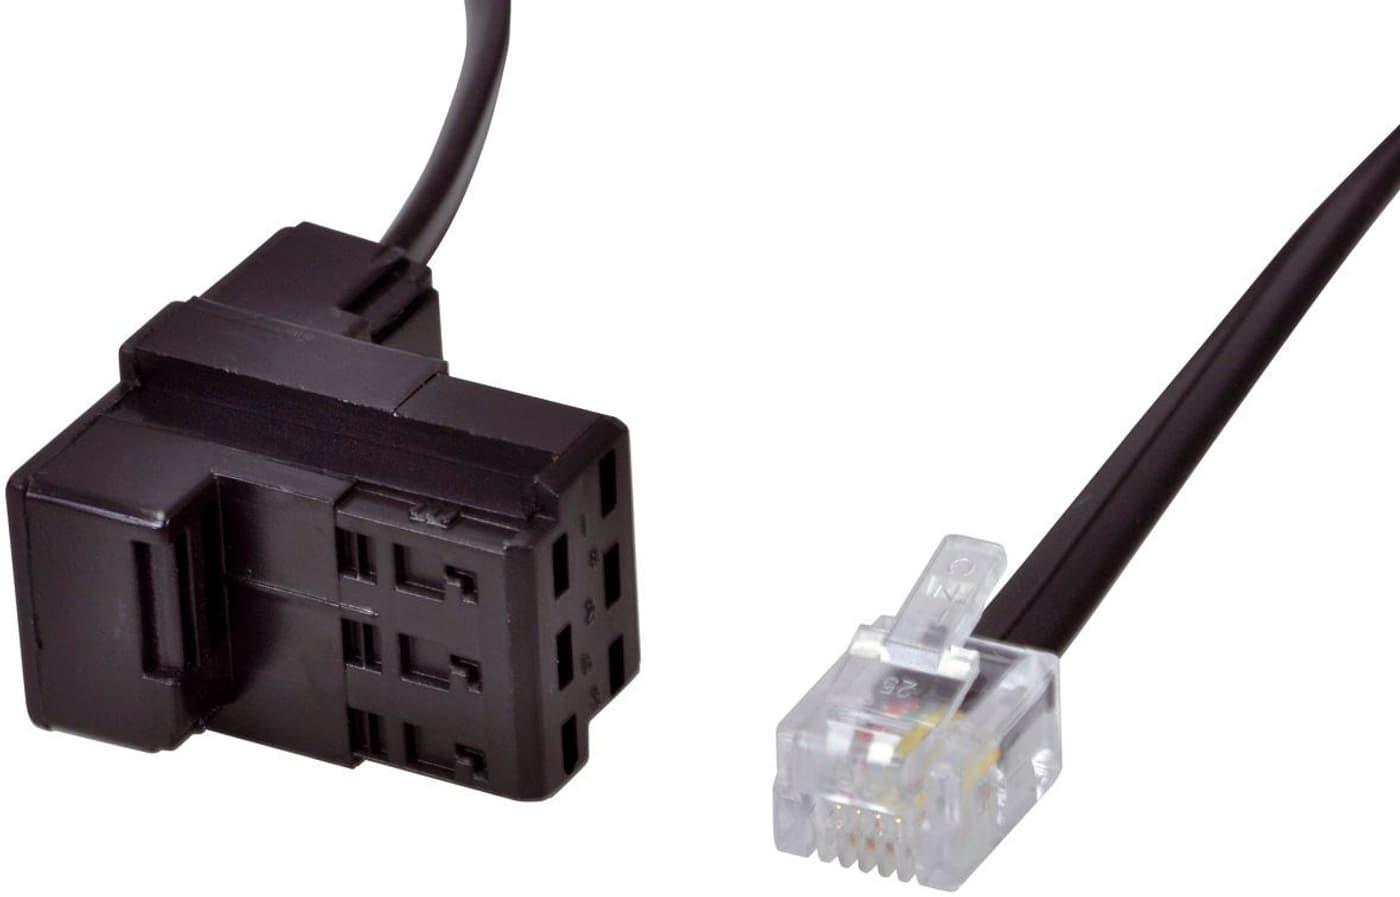 anschlusskabel f r telefon fax modem migros. Black Bedroom Furniture Sets. Home Design Ideas